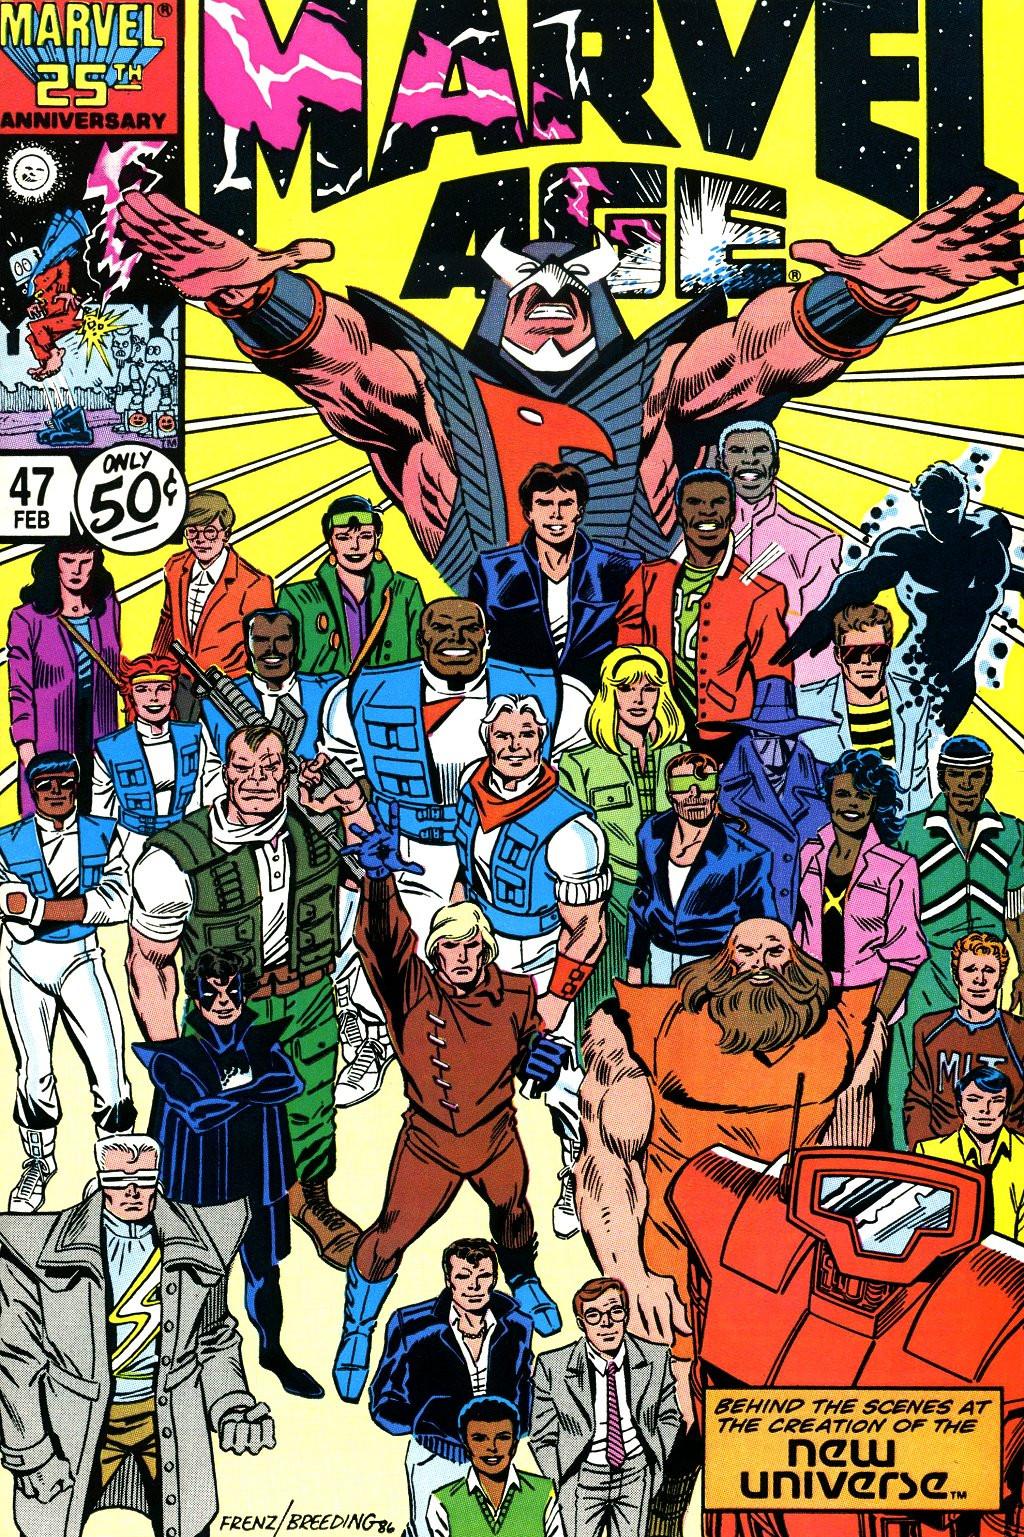 File:Marvel Age Vol 1 47.jpg